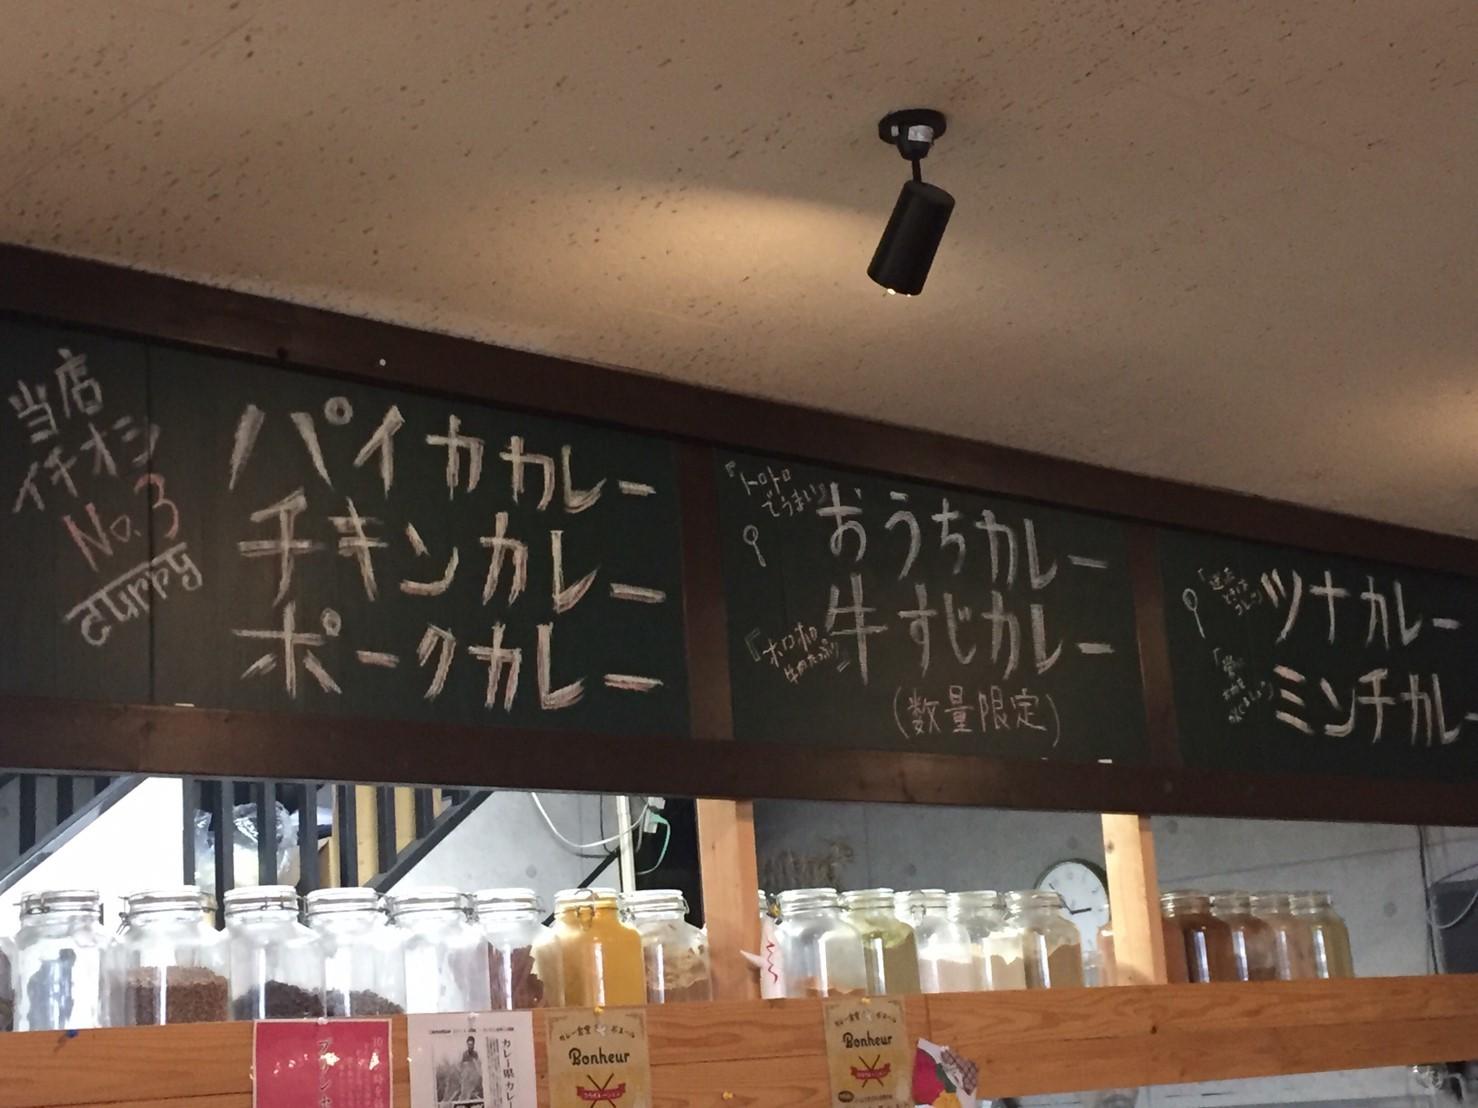 カレー食堂 ボヌール   おうちカレー_e0115904_04402064.jpg